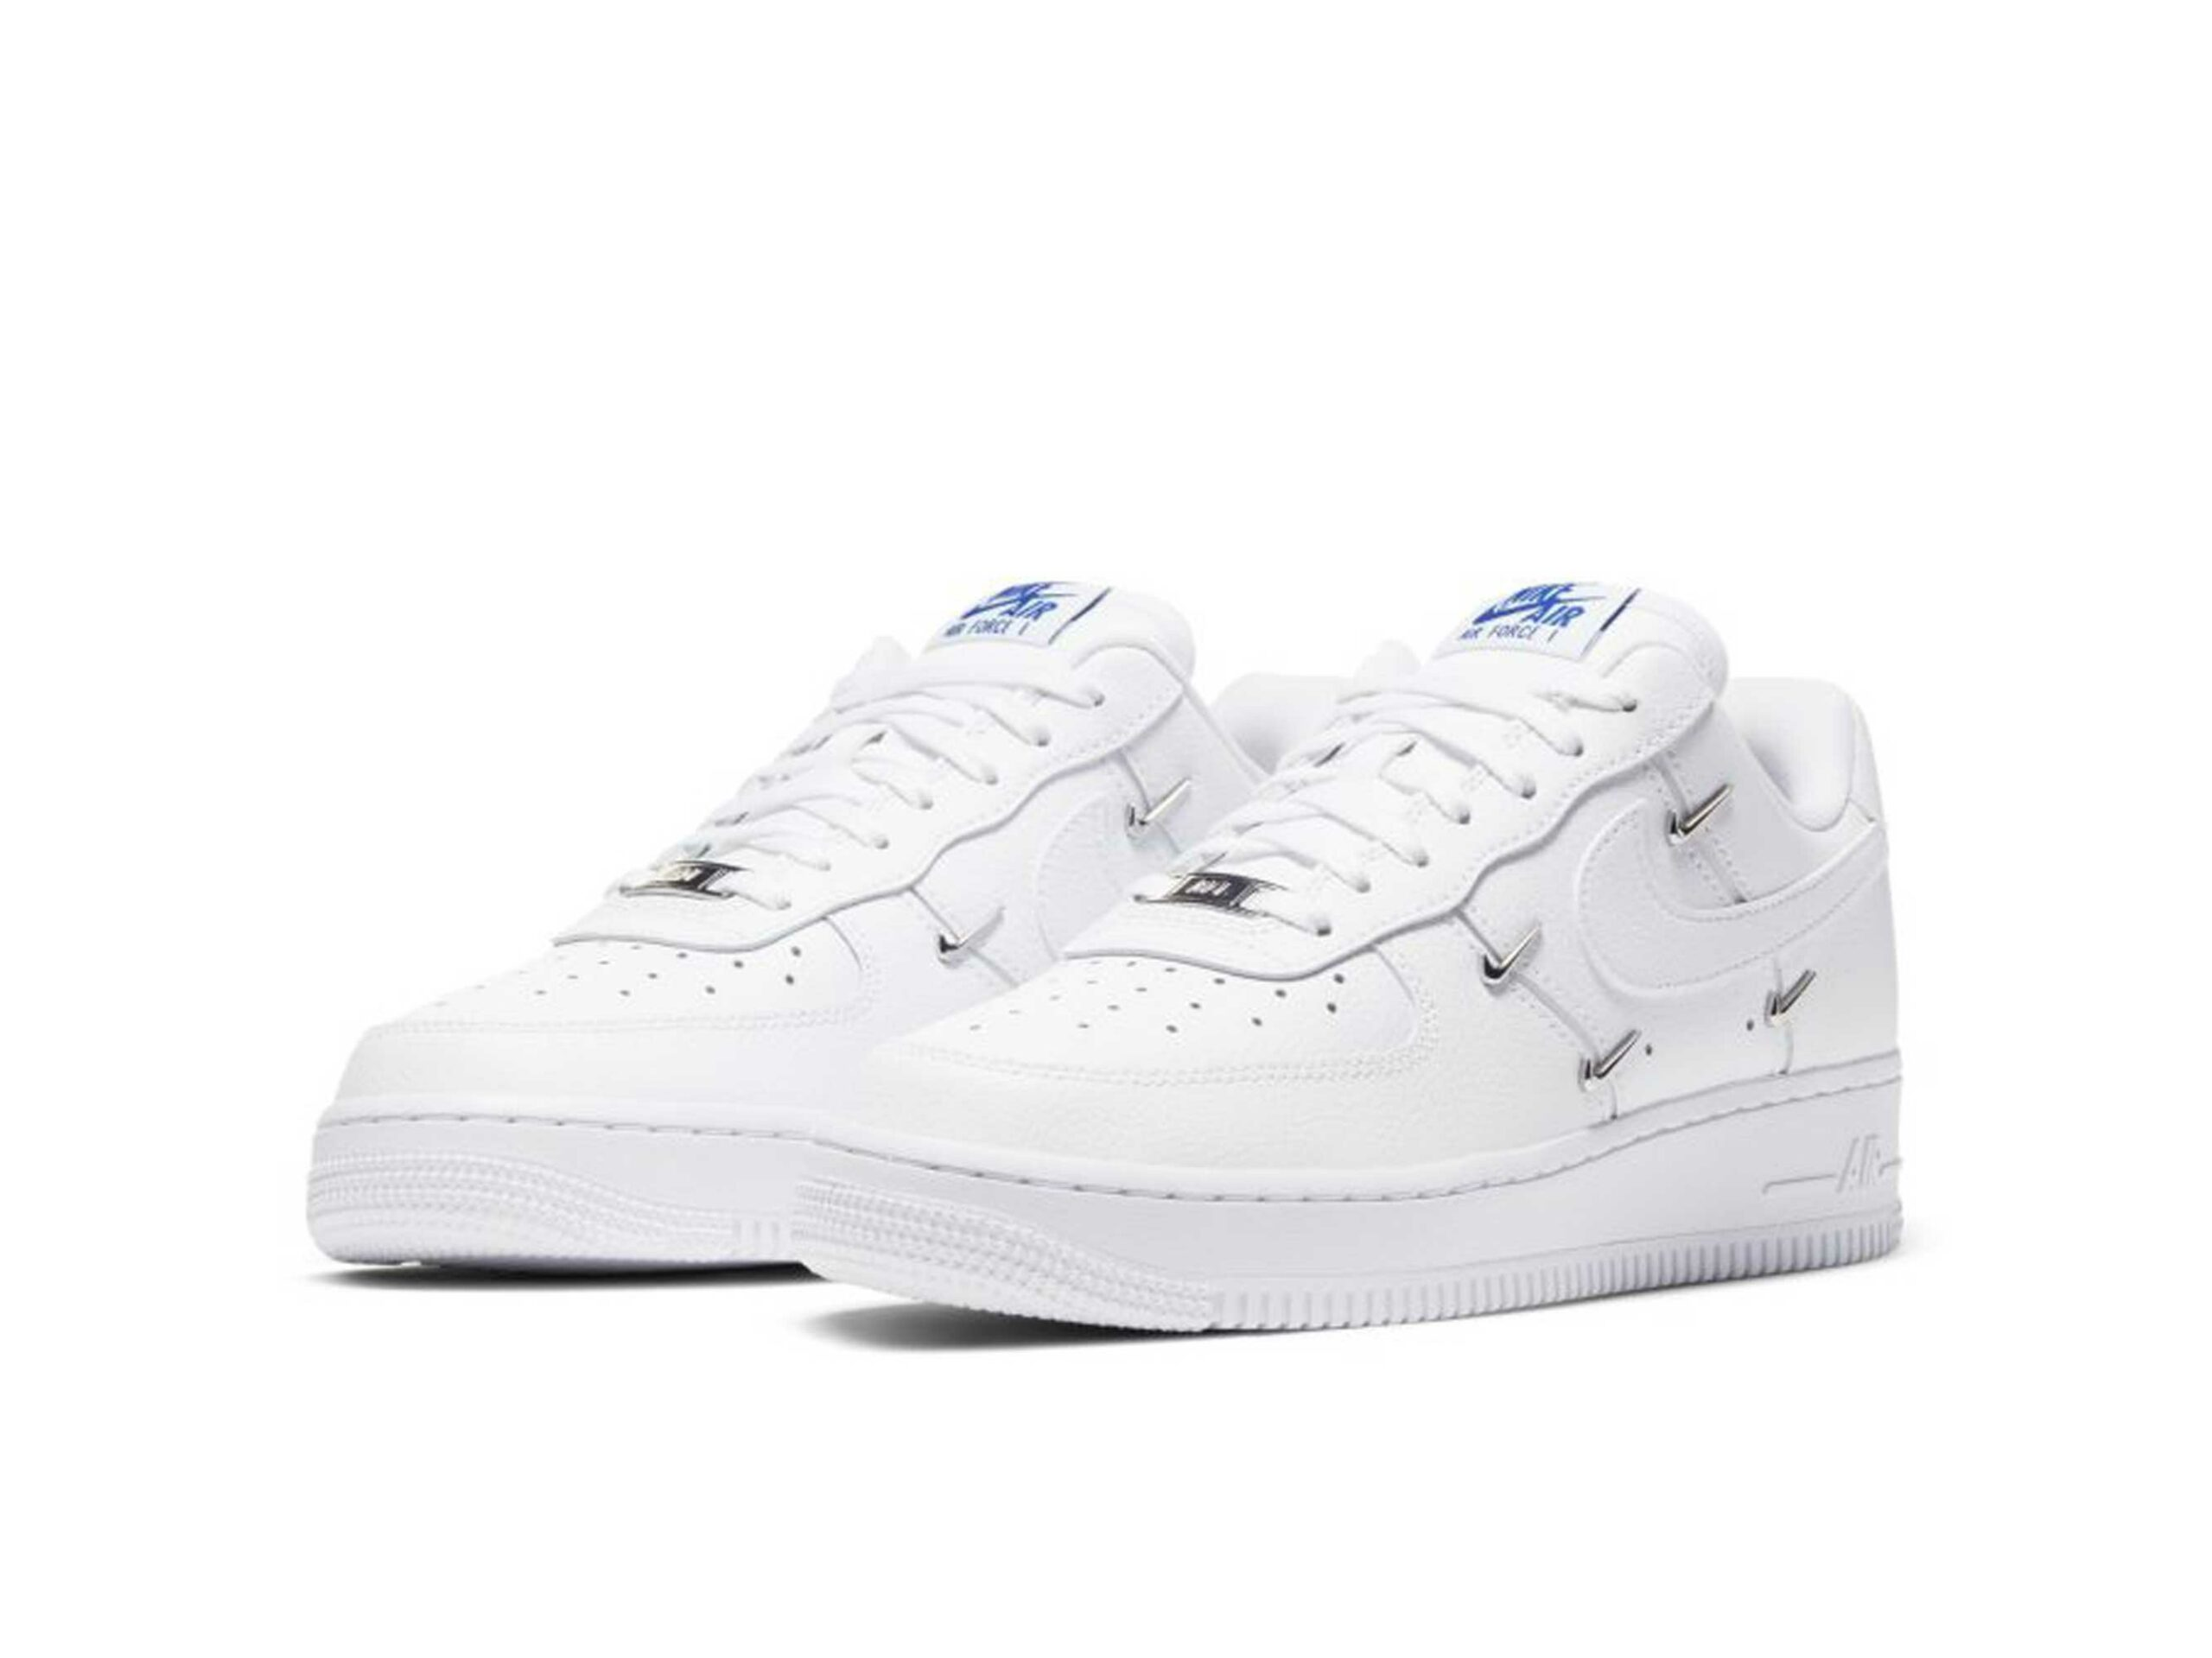 nike air force 1 '07 LX white CT1990_100 купить